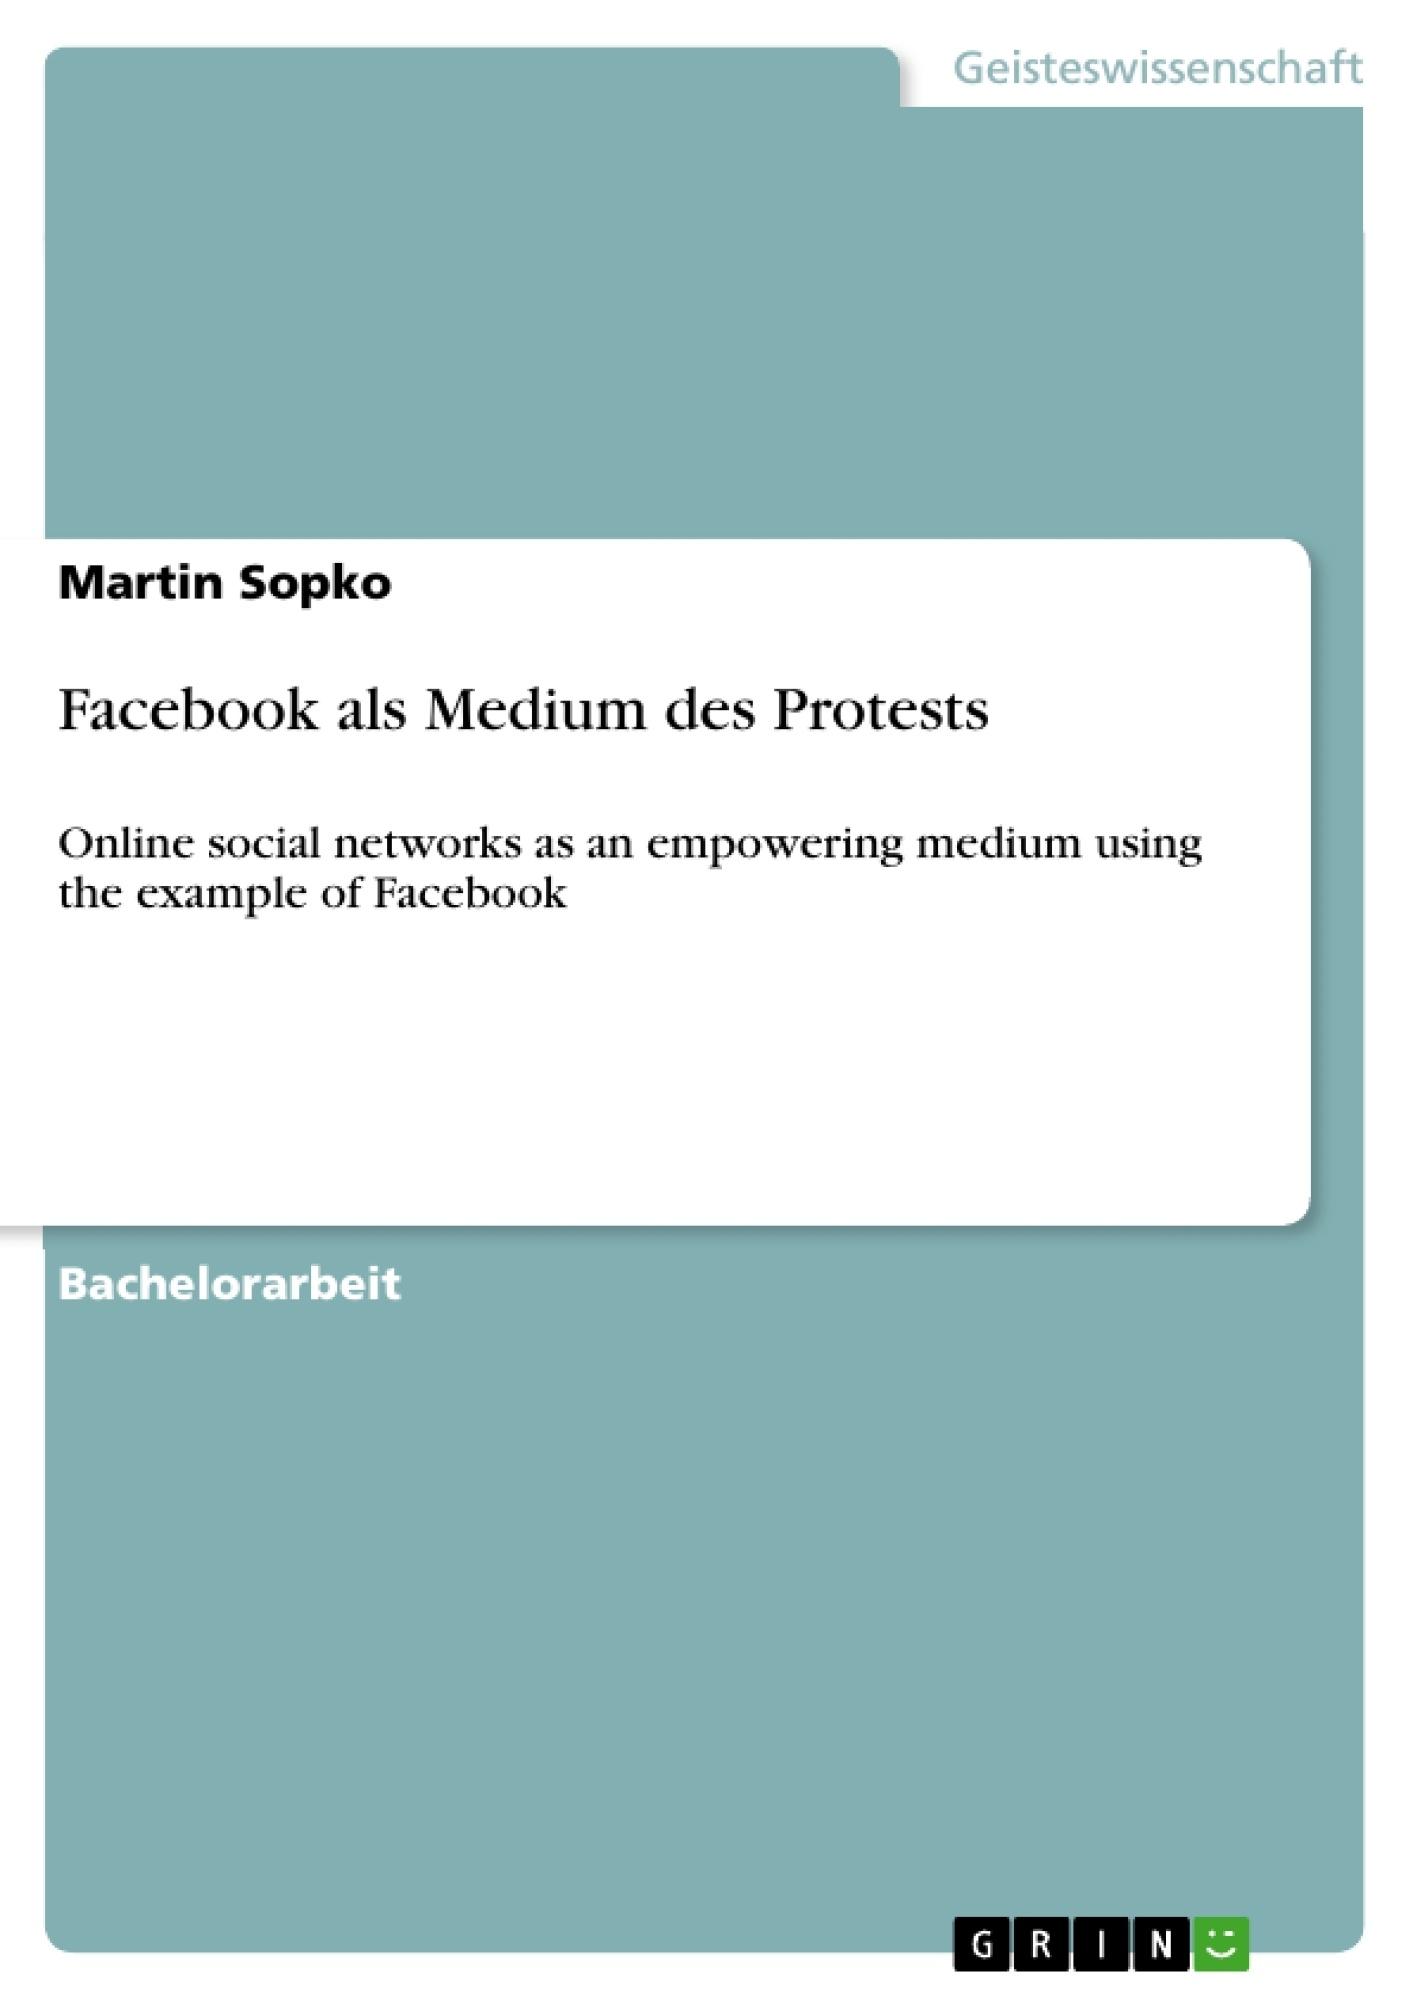 Titel: Facebook als Medium des Protests